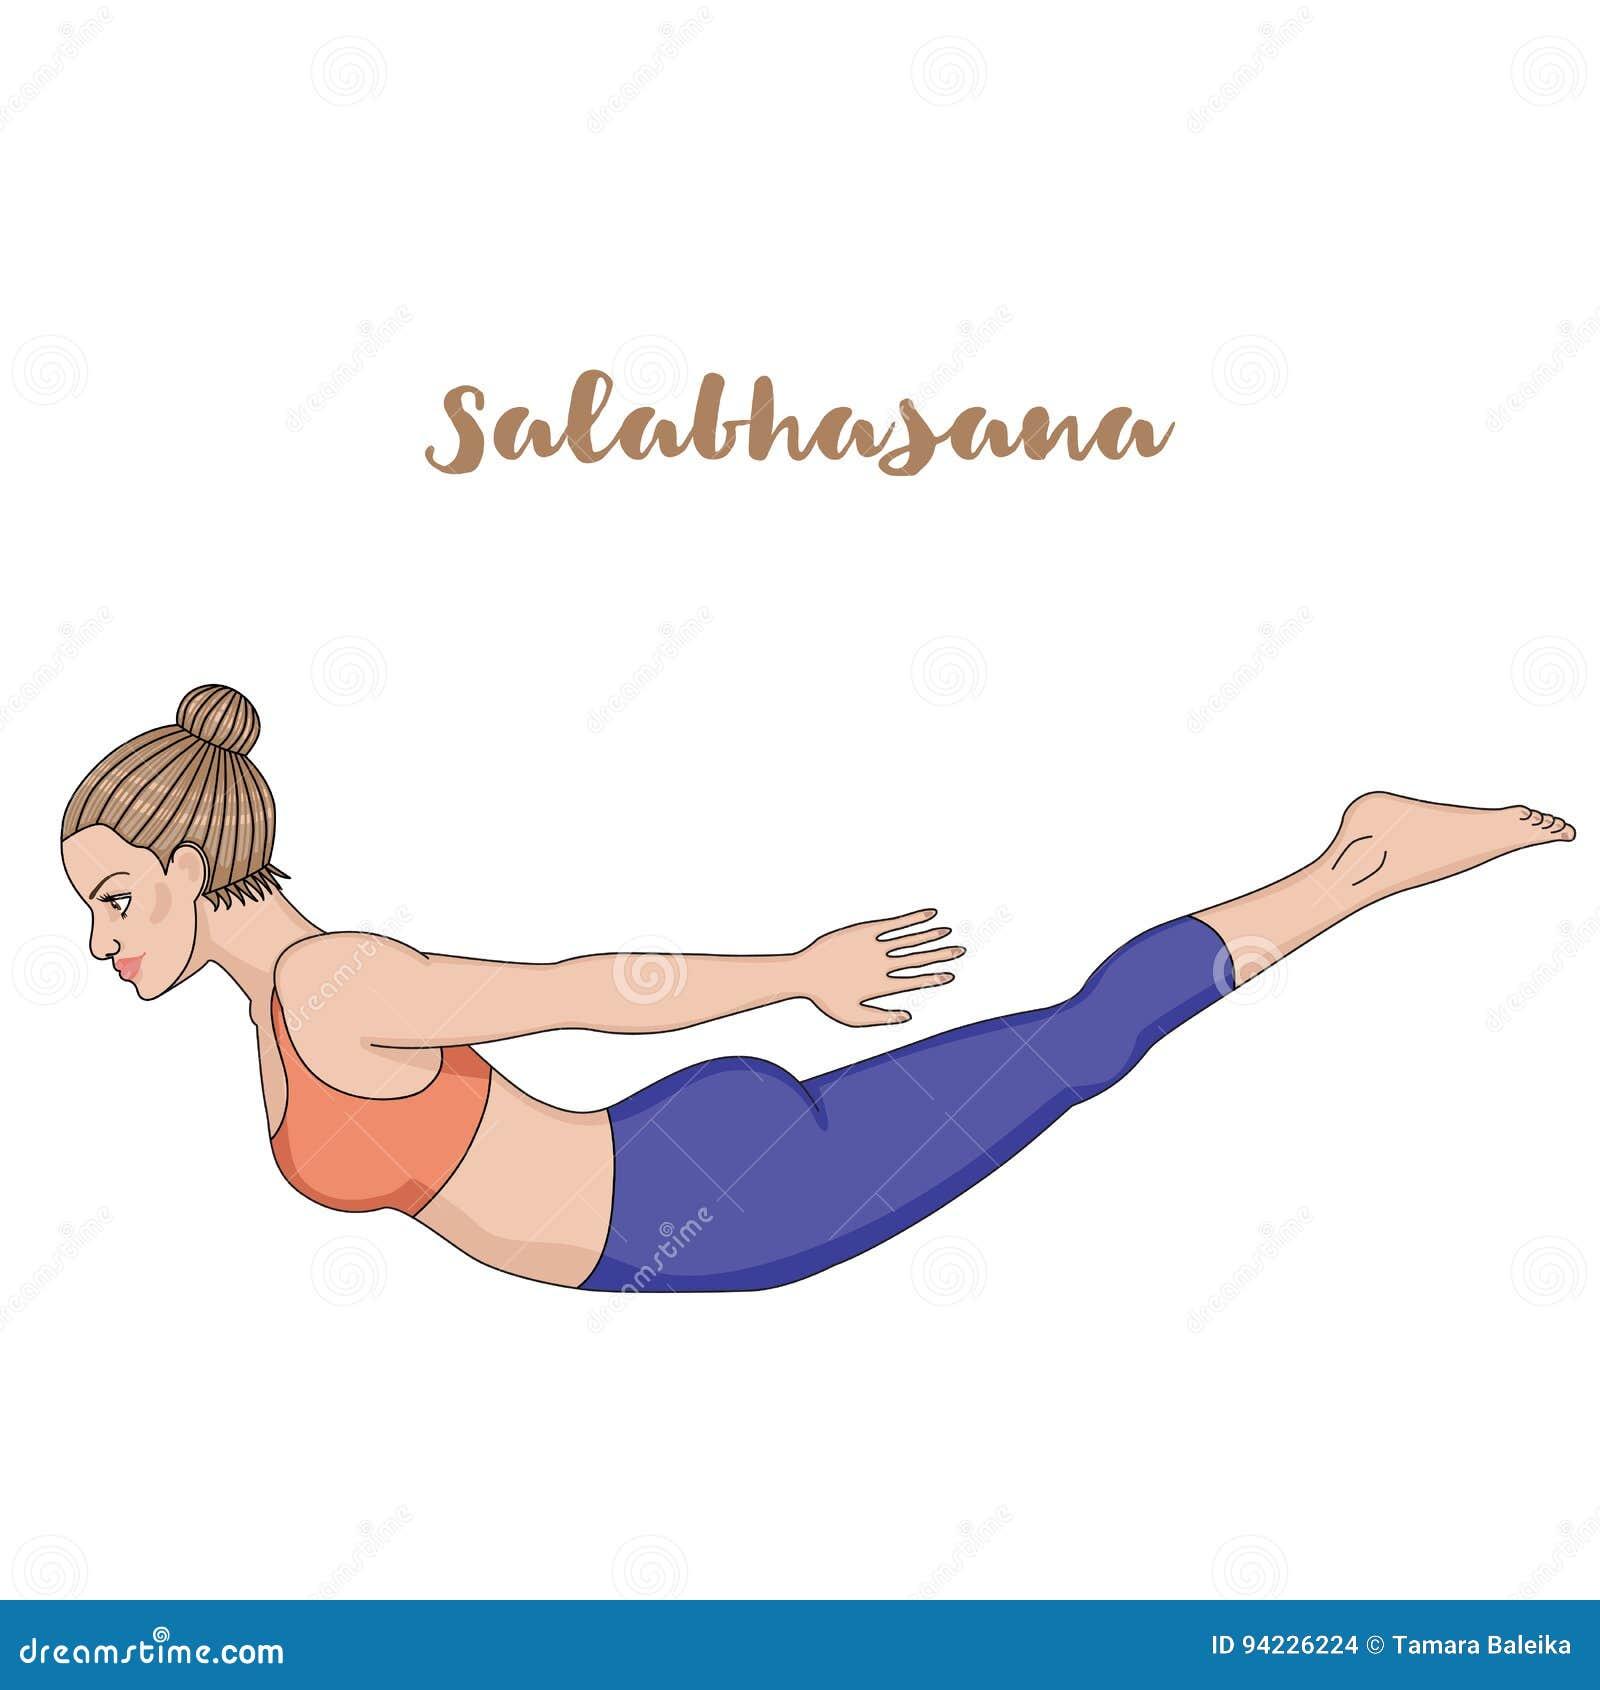 Salabhasana Drawing